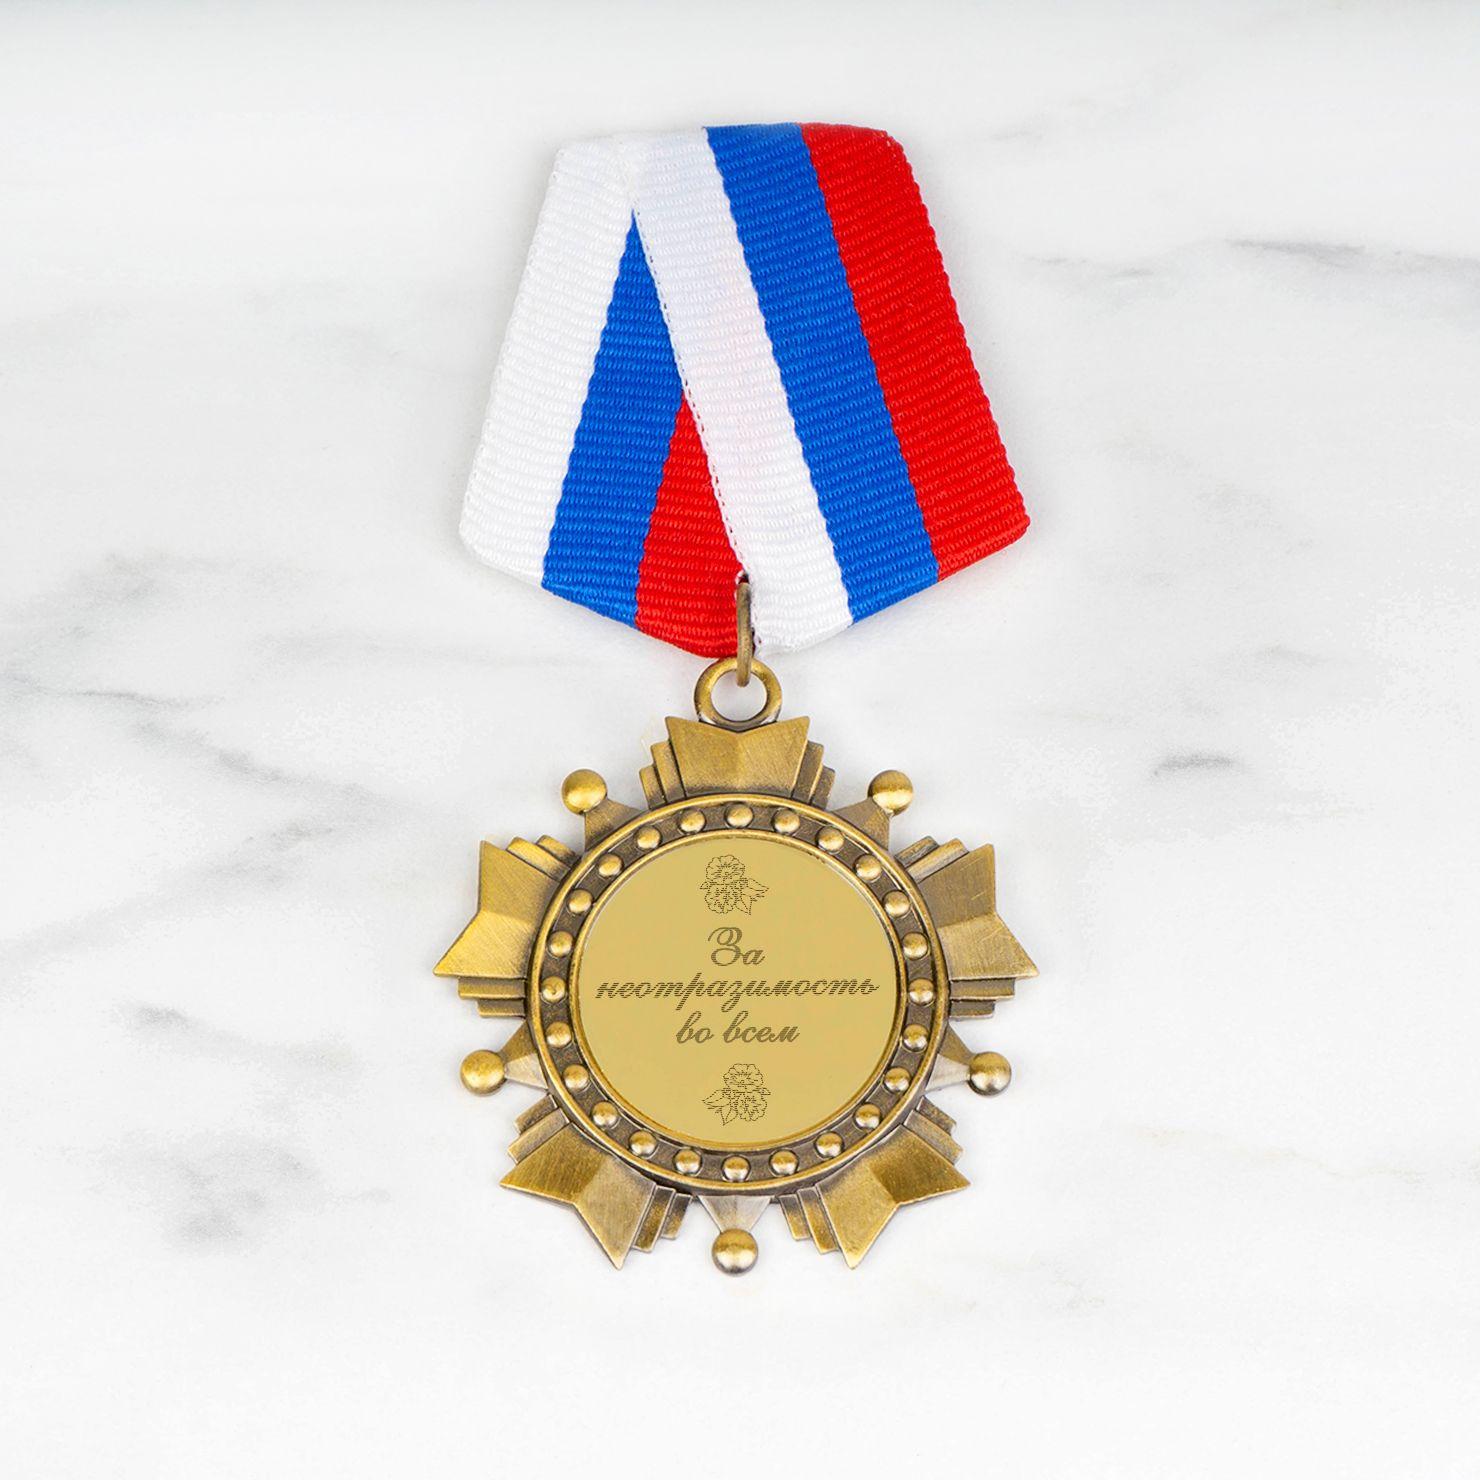 Орден *За неотразимость во всем*